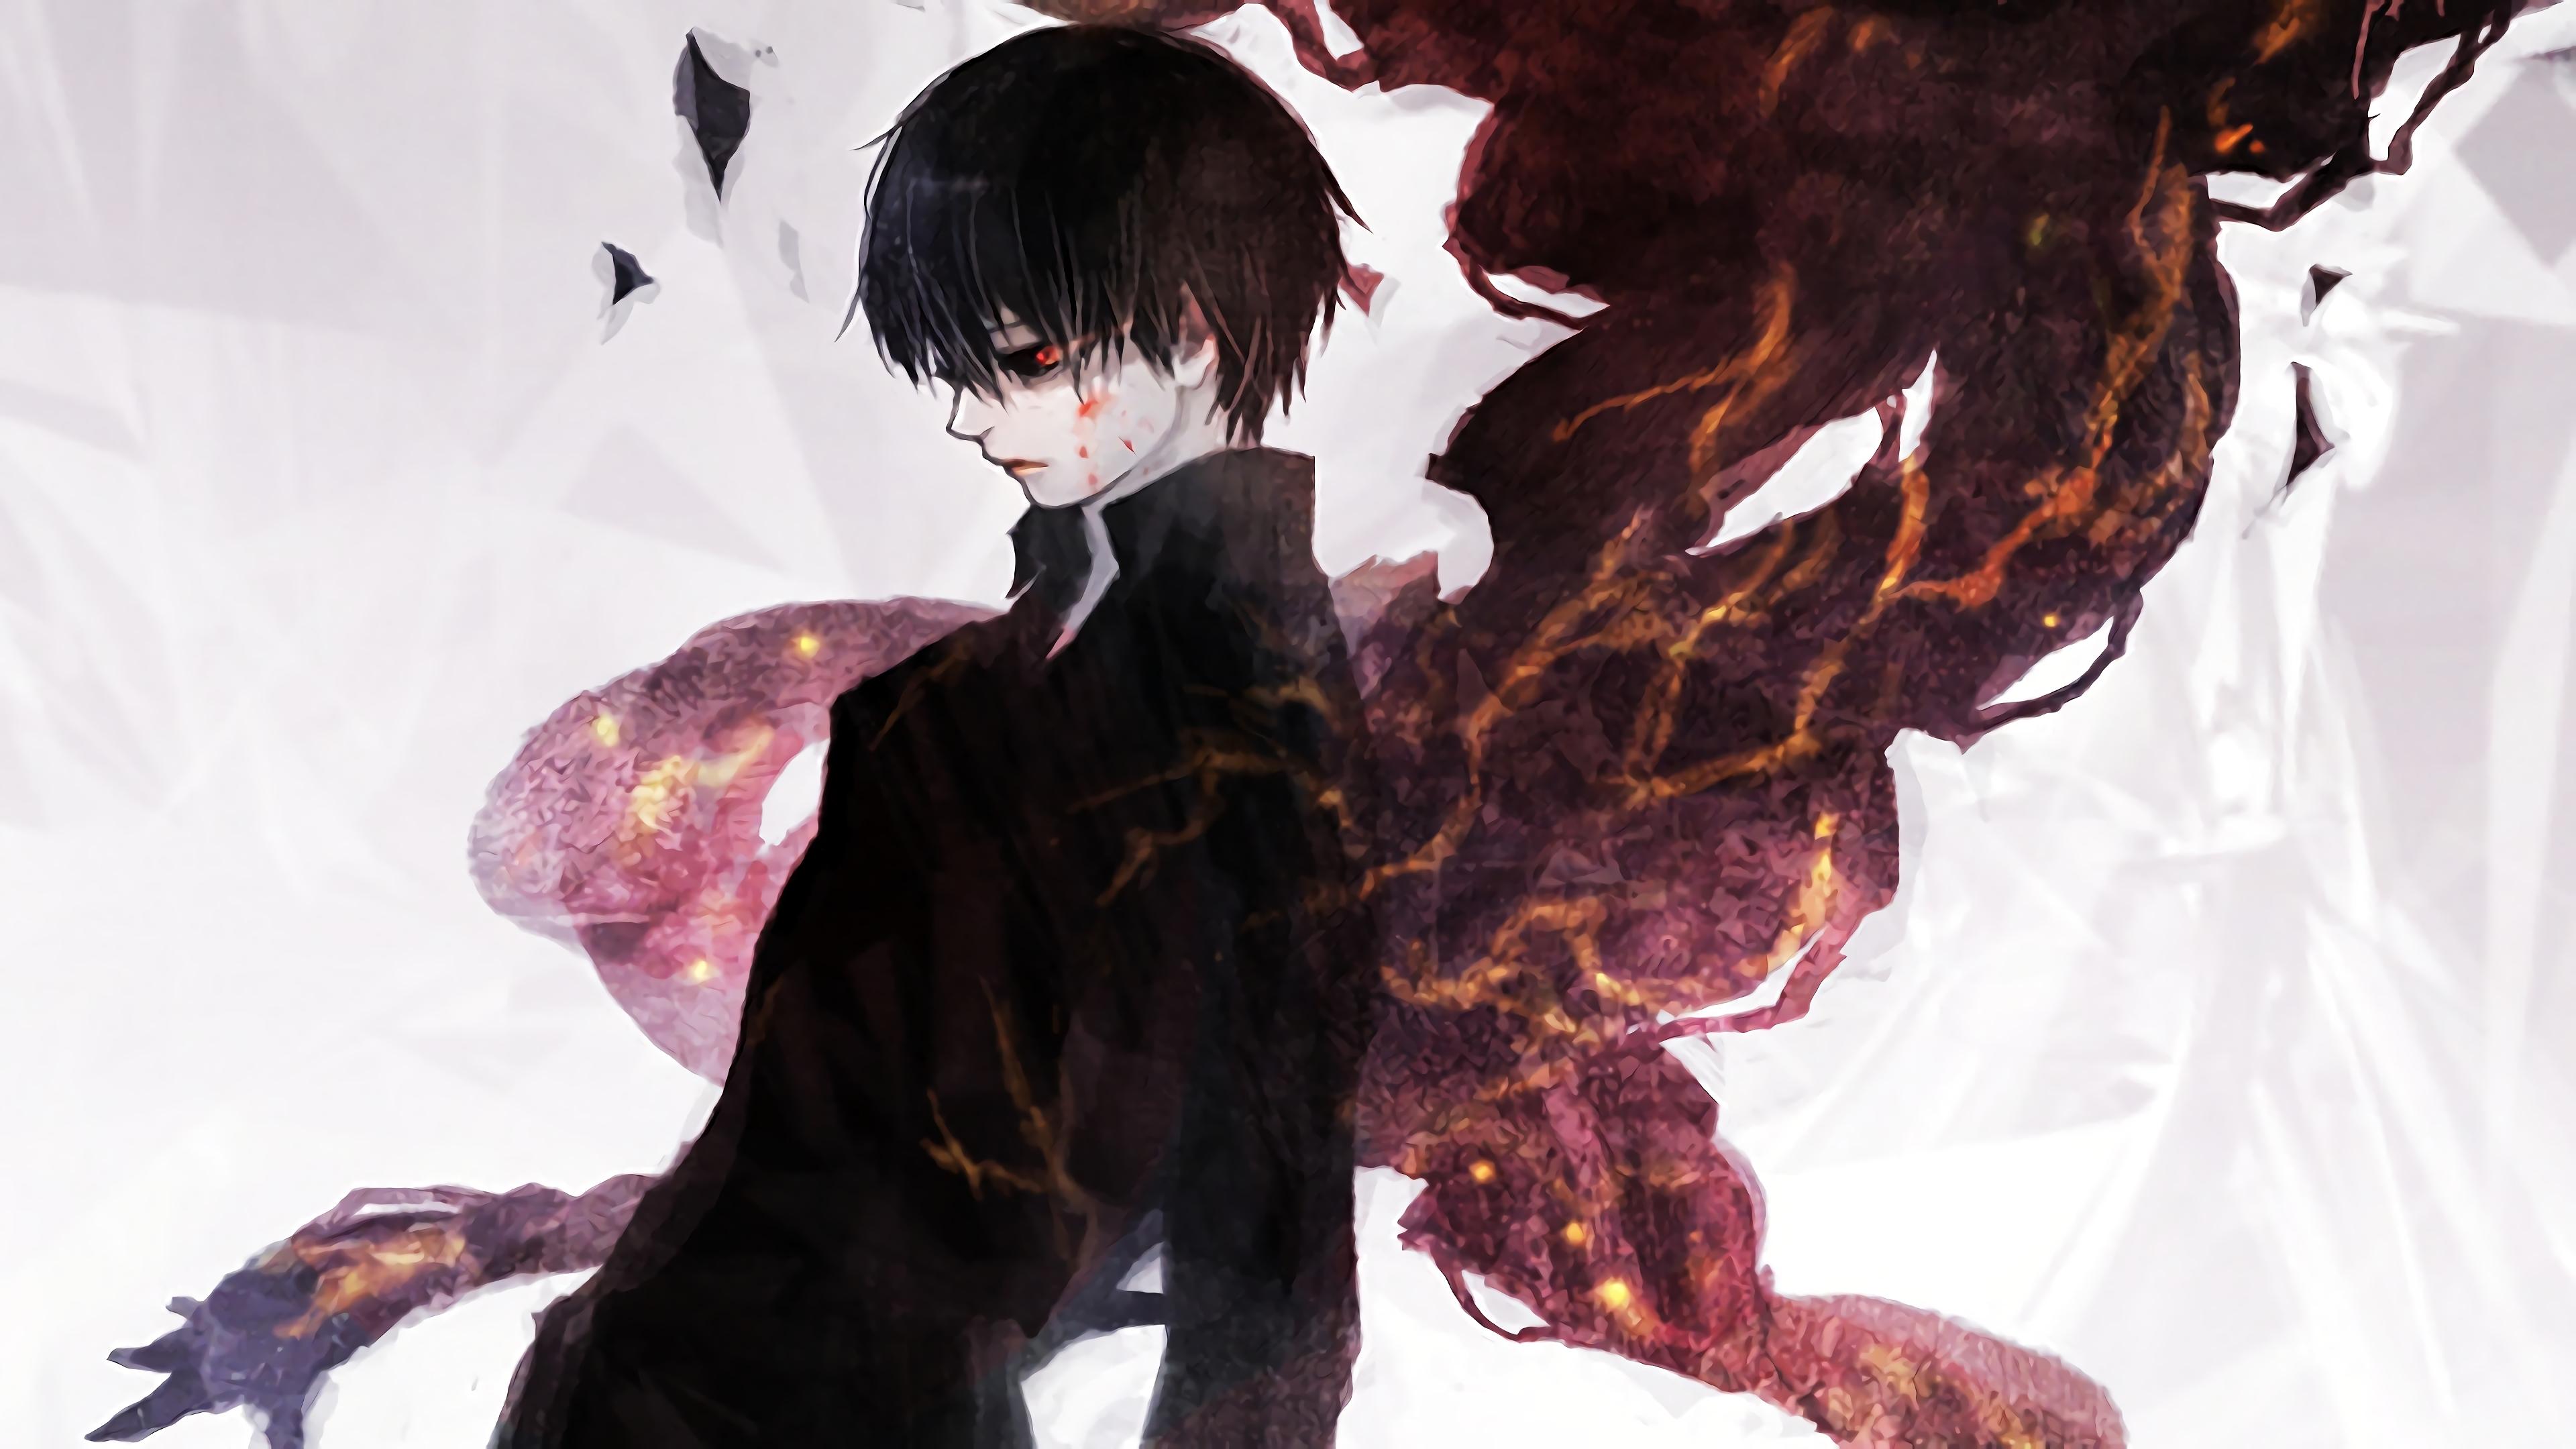 Black Reaper Kaneki Tokyo Ghoul Re Invoke Transparent 3840x2160 Download Hd Wallpaper Wallpapertip